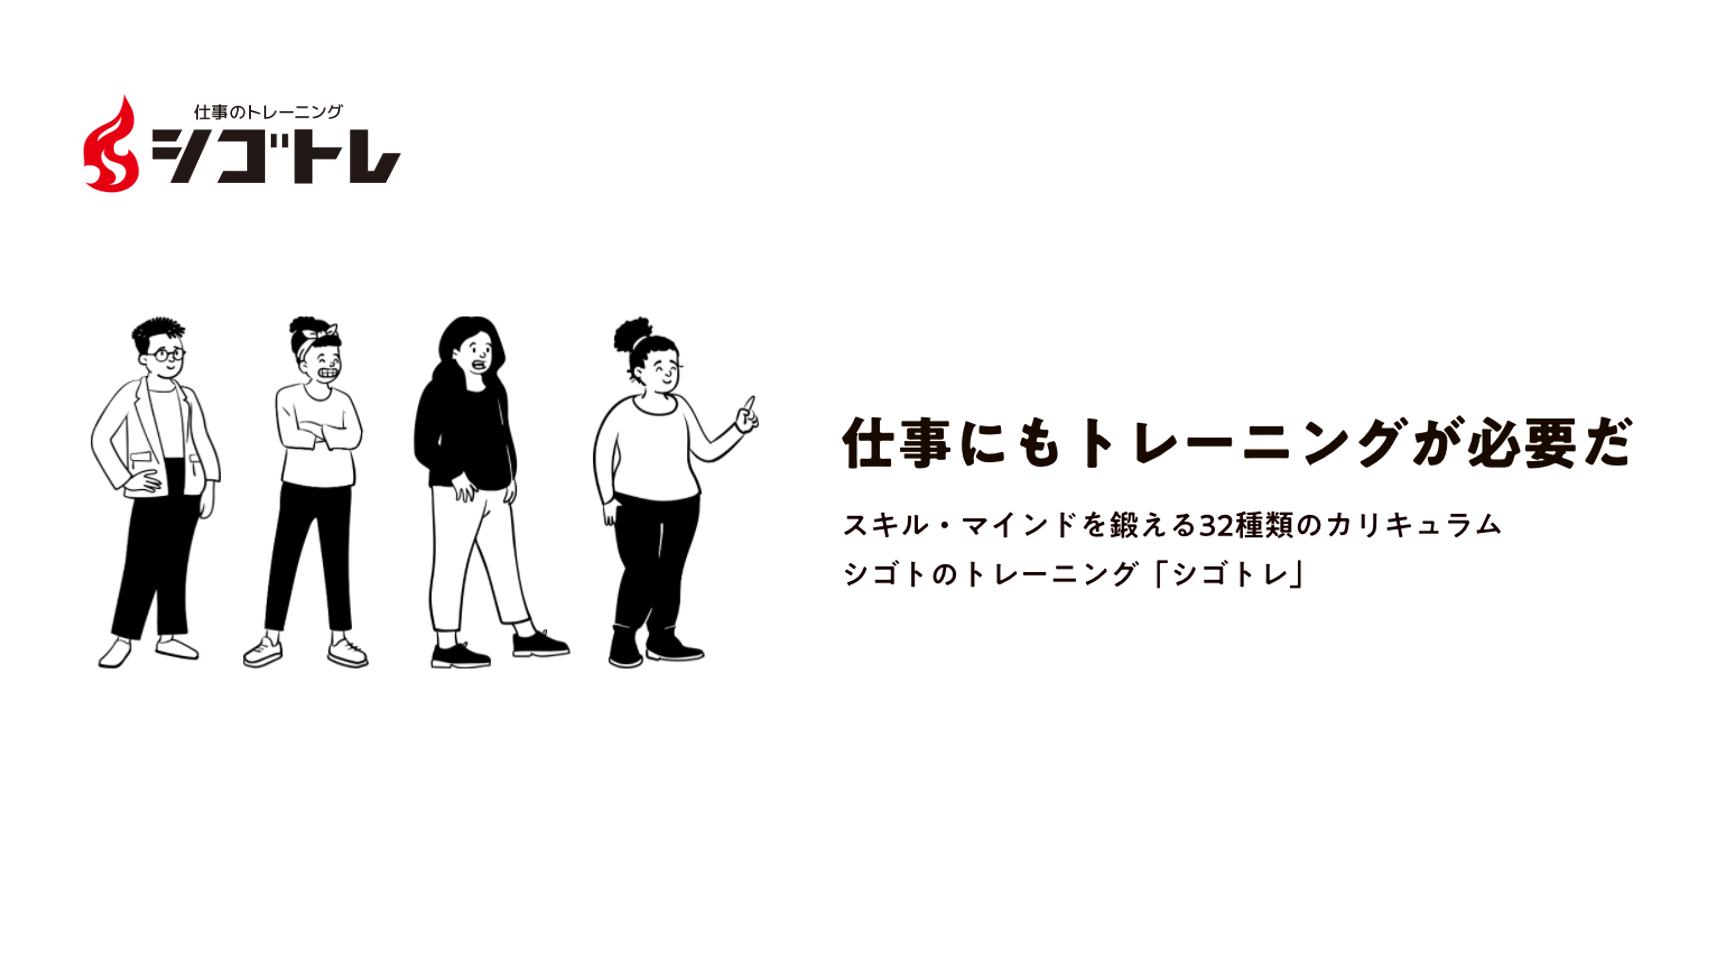 【サービス名変更のお知らせ】キャリア支援サービス「HeaRing」→「シゴトレ」へ